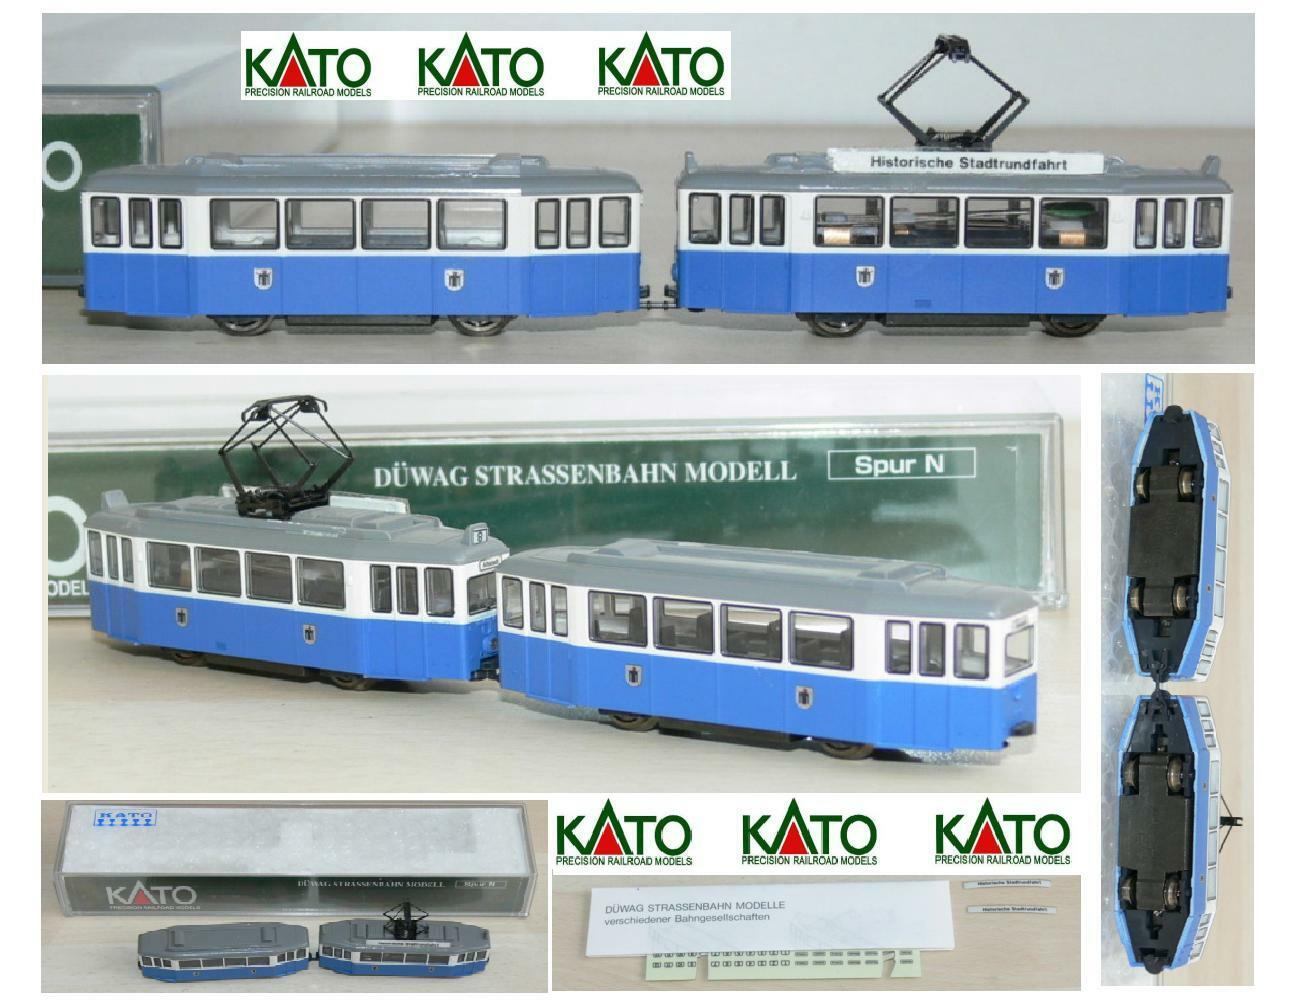 KATO 14610 DOUBLE TRAM URBANI MOTORIZED DÜWAG DÜWAG DÜWAG Straßenbahn AZUR in the OVP 45c9b4